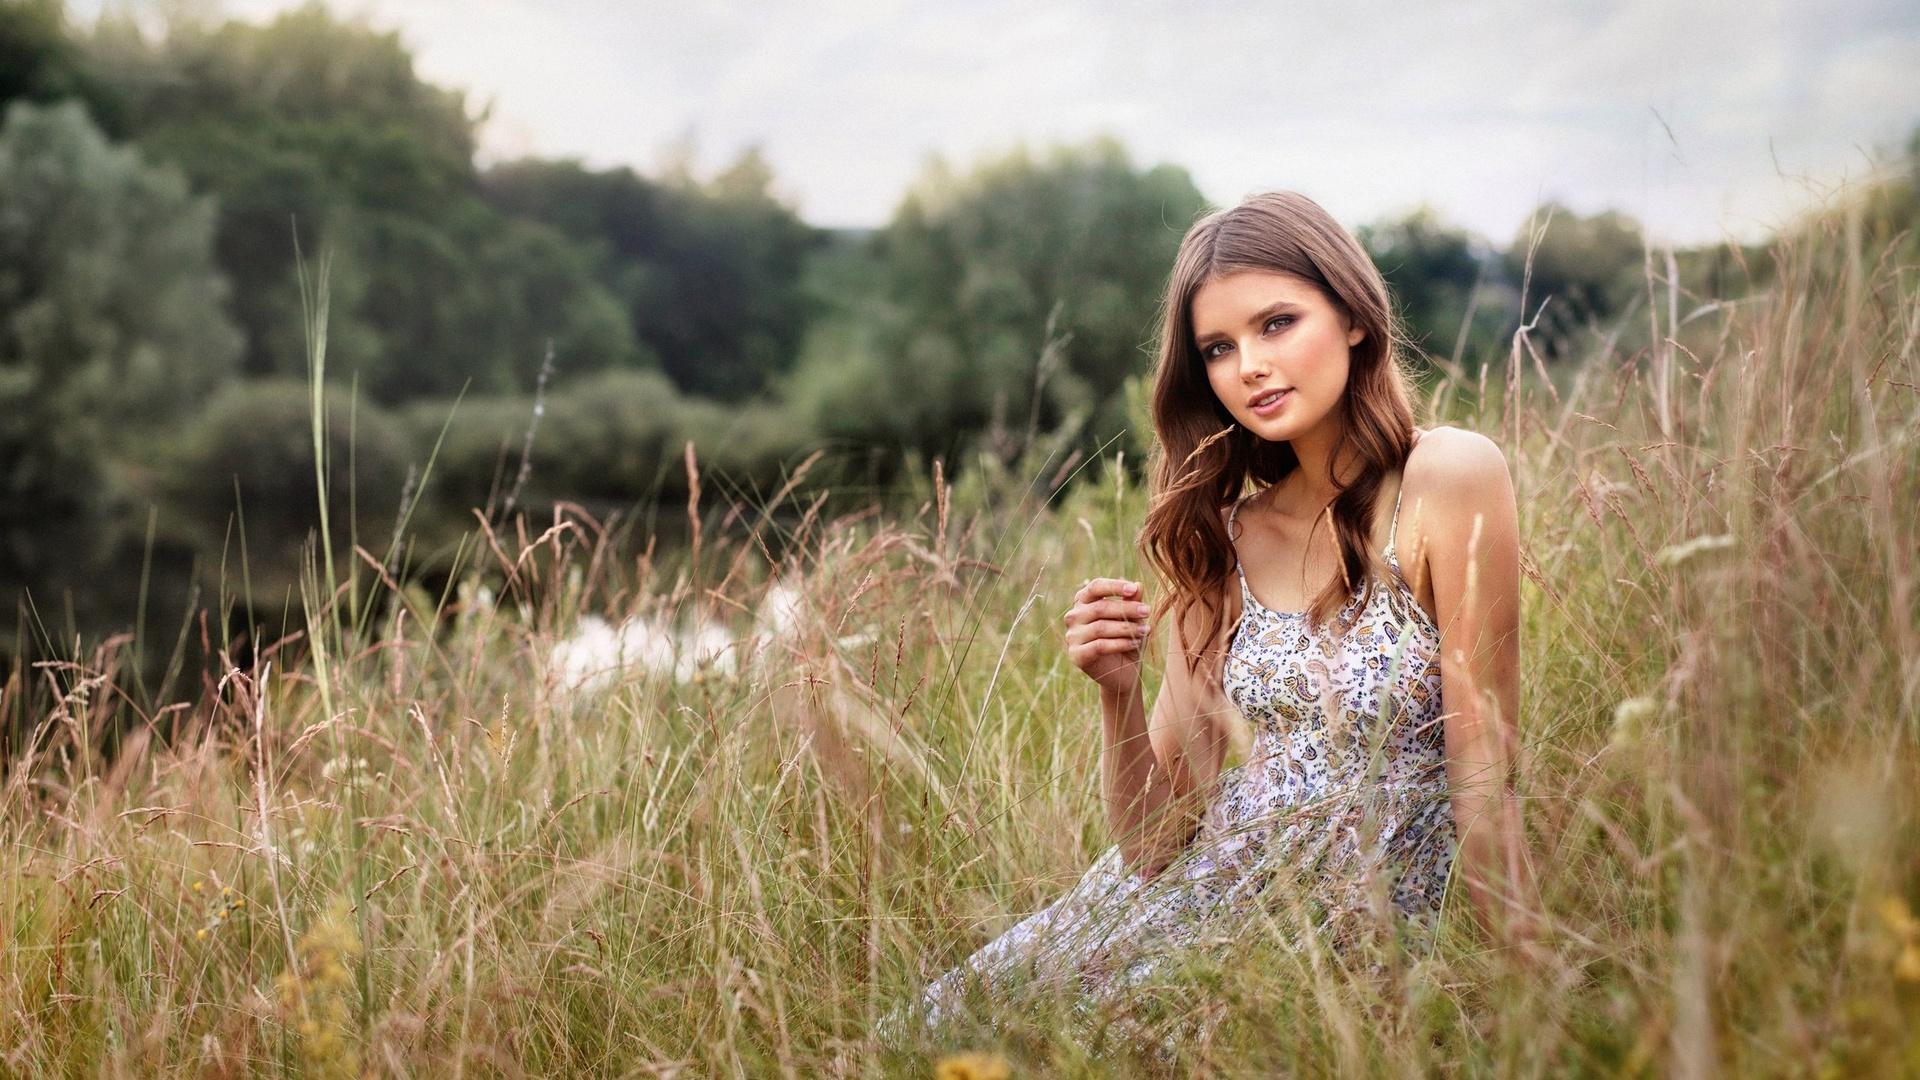 девушка, на природе, фотограф, наталья меньтюгова, лето, красивая, высокая трава